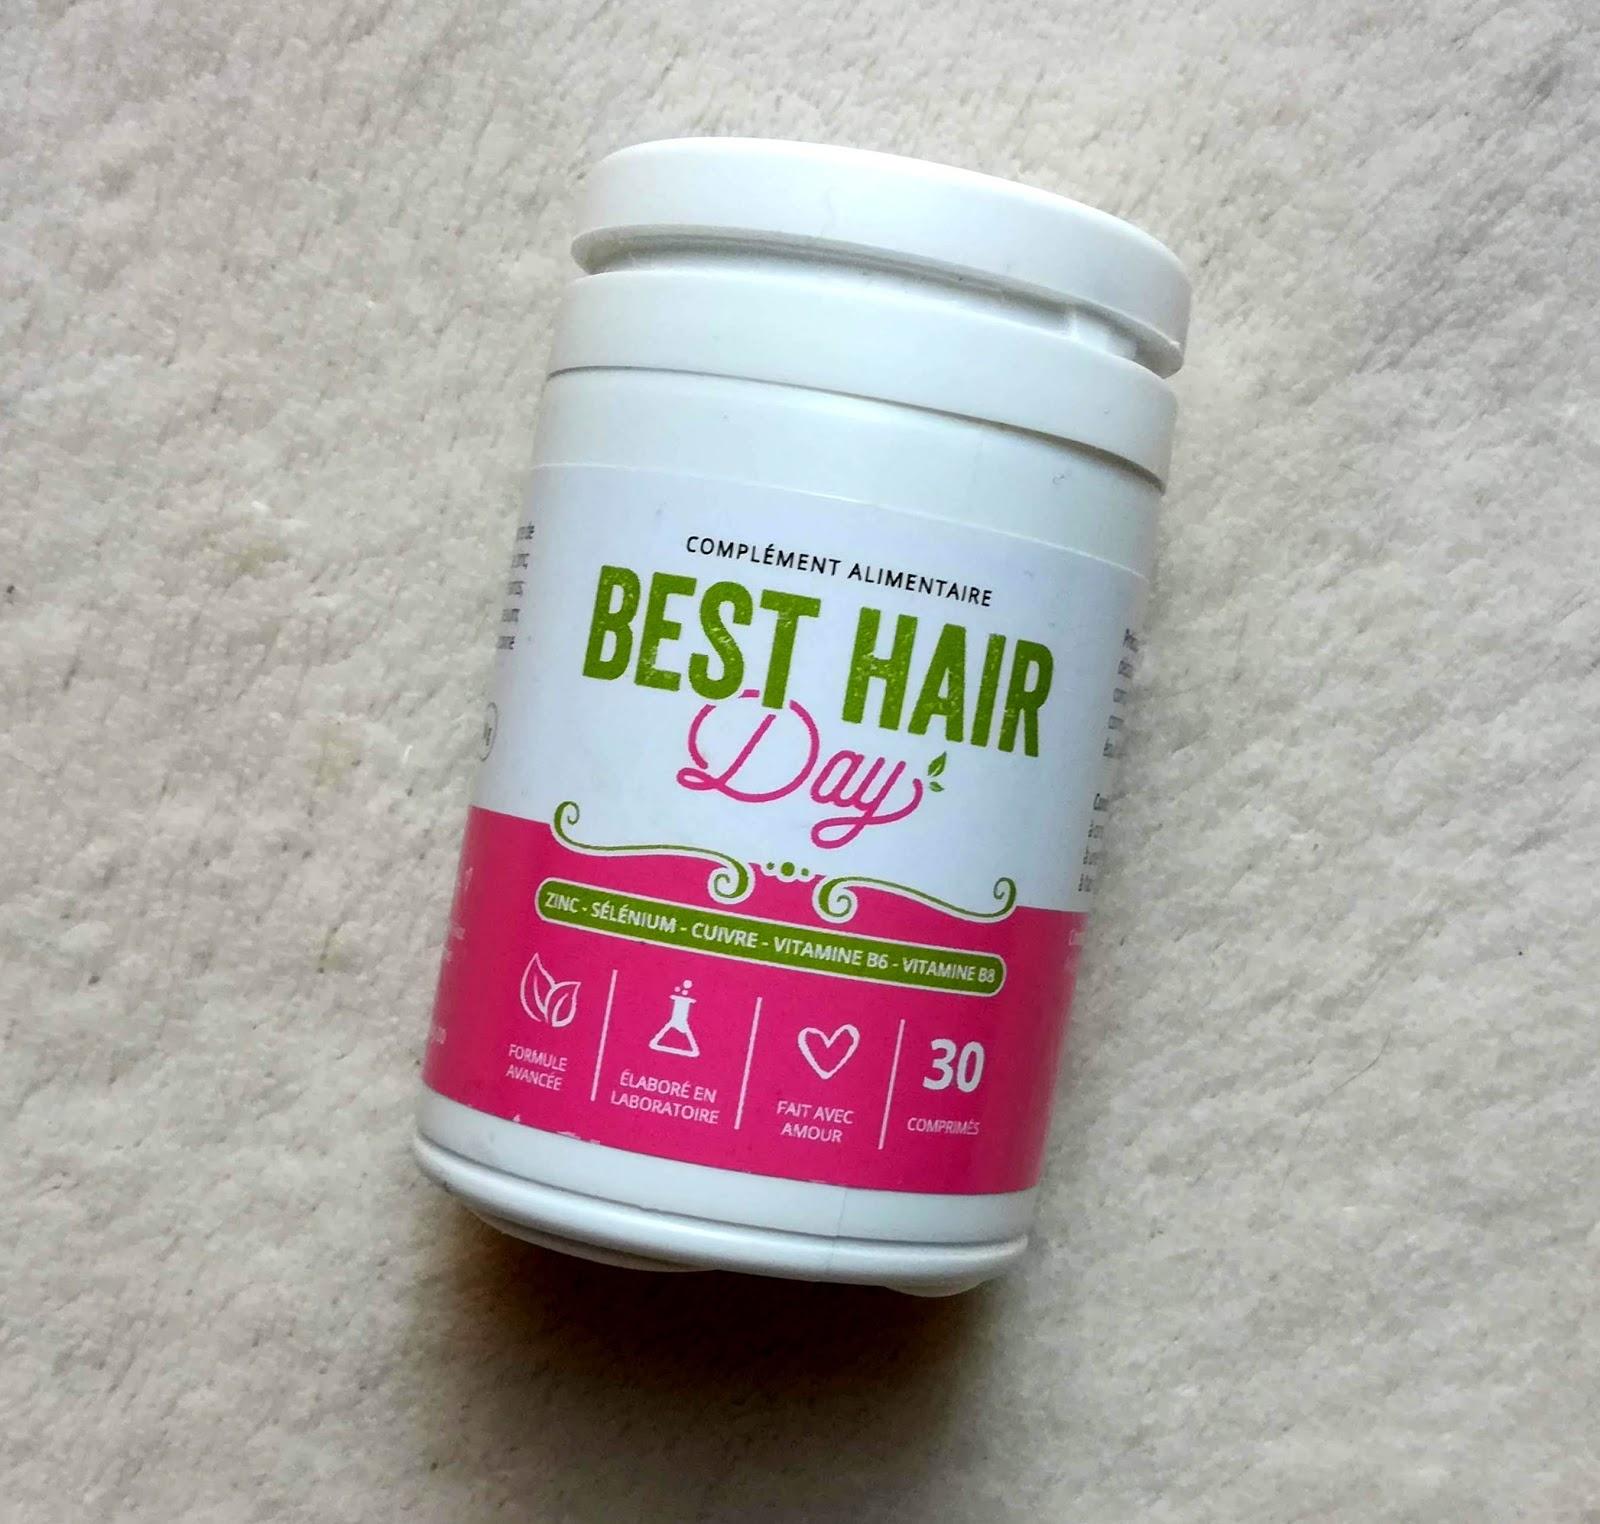 BEST HAIR DAY, complément alimentaire pour la pousse des cheveux